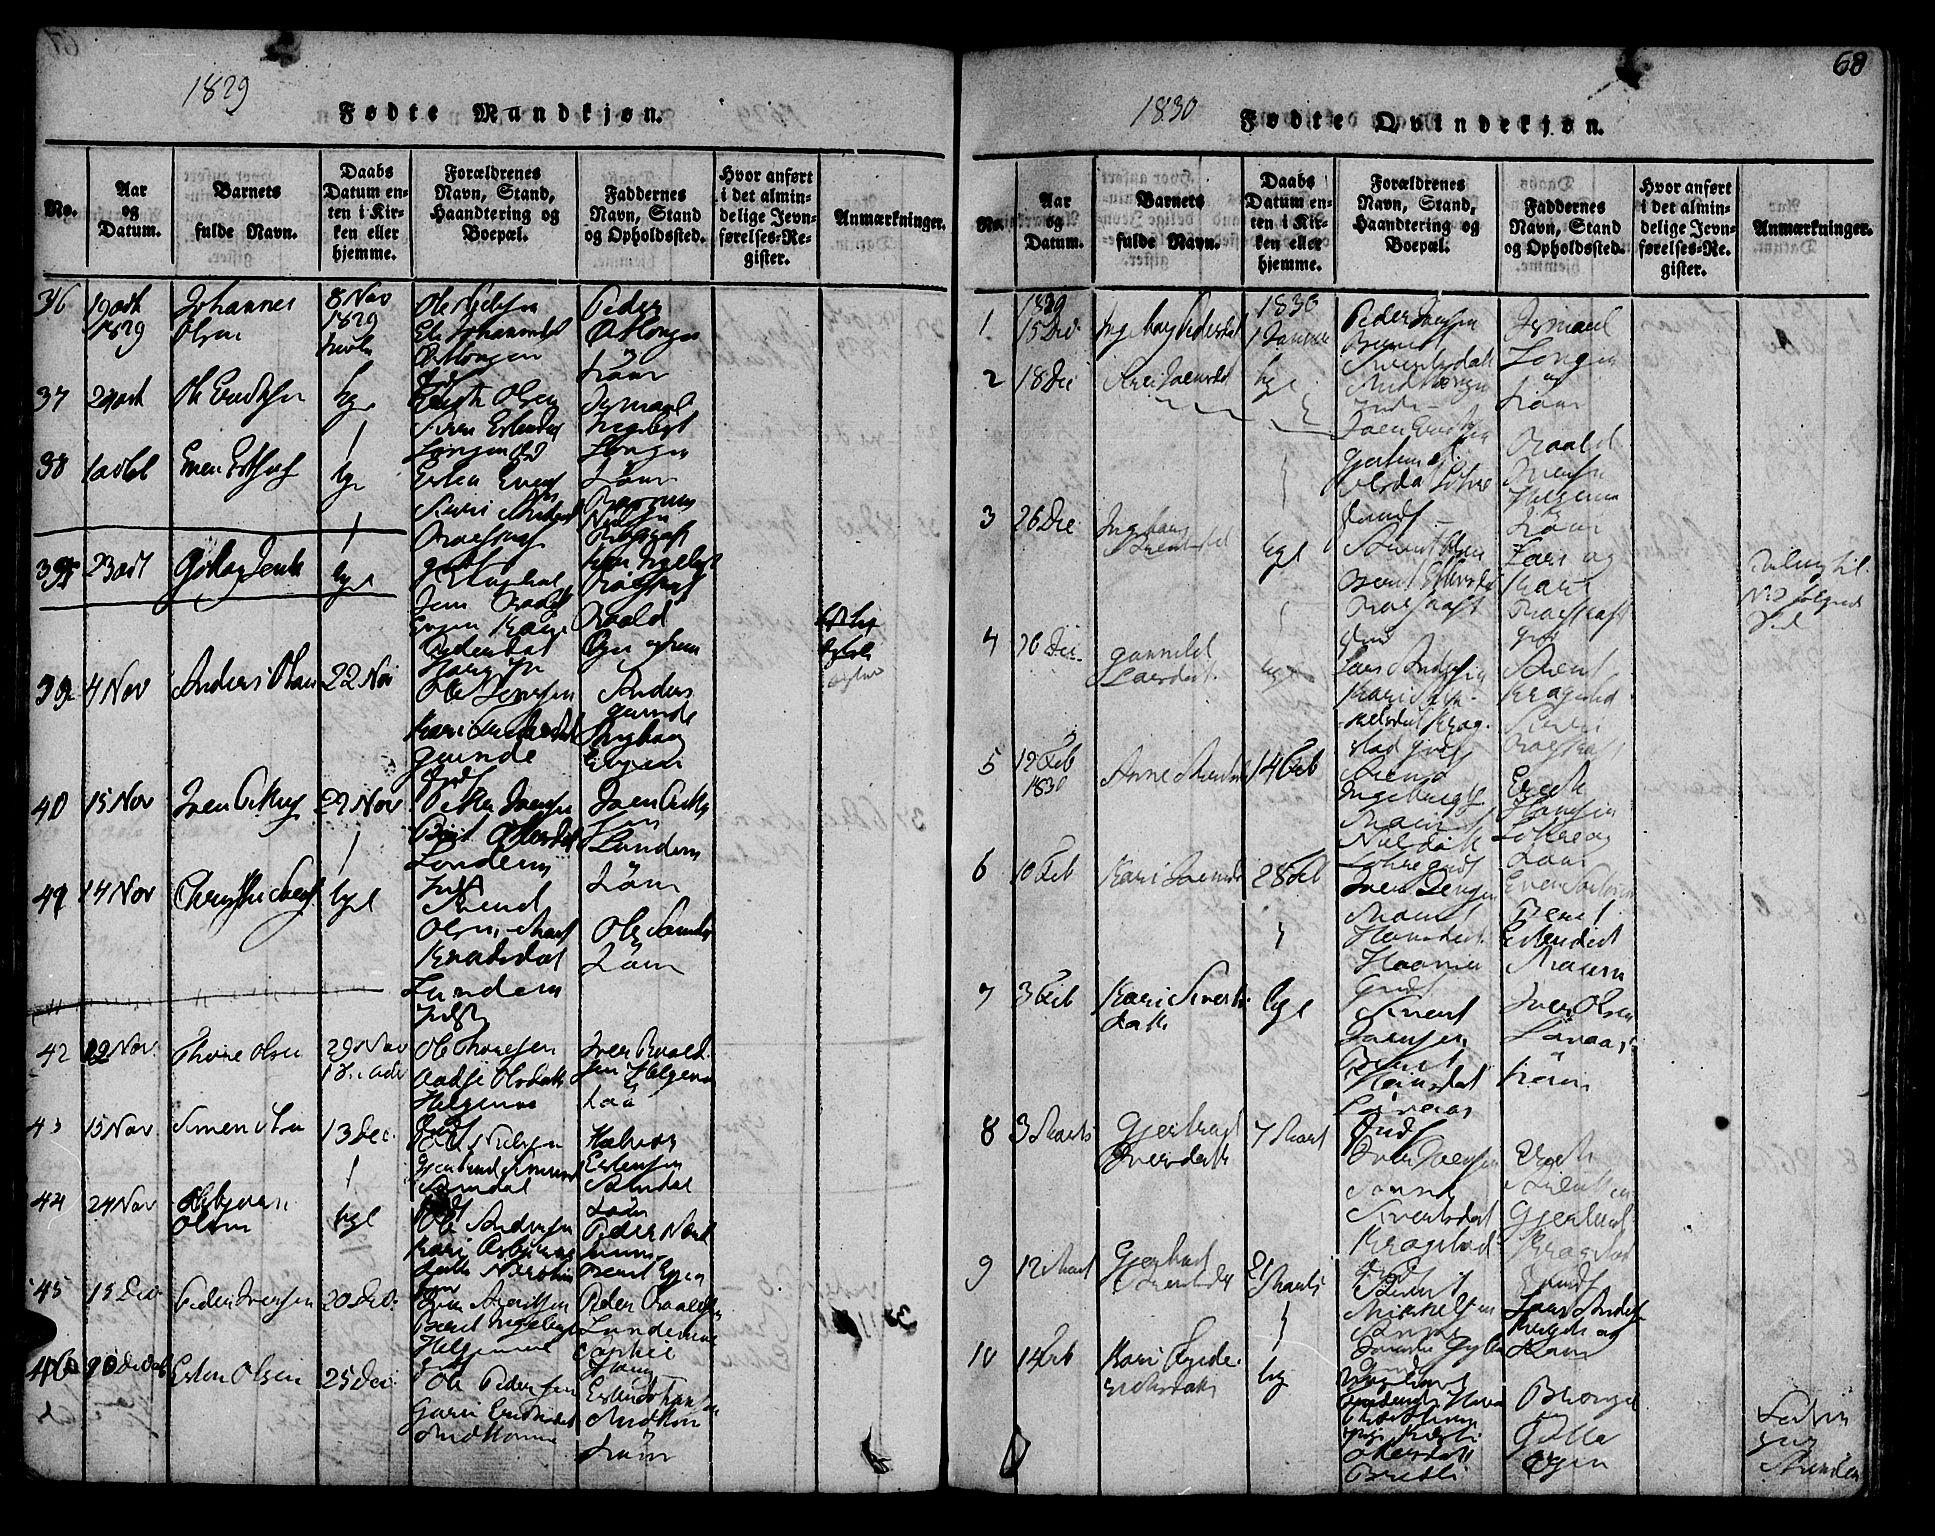 SAT, Ministerialprotokoller, klokkerbøker og fødselsregistre - Sør-Trøndelag, 692/L1102: Ministerialbok nr. 692A02, 1816-1842, s. 68